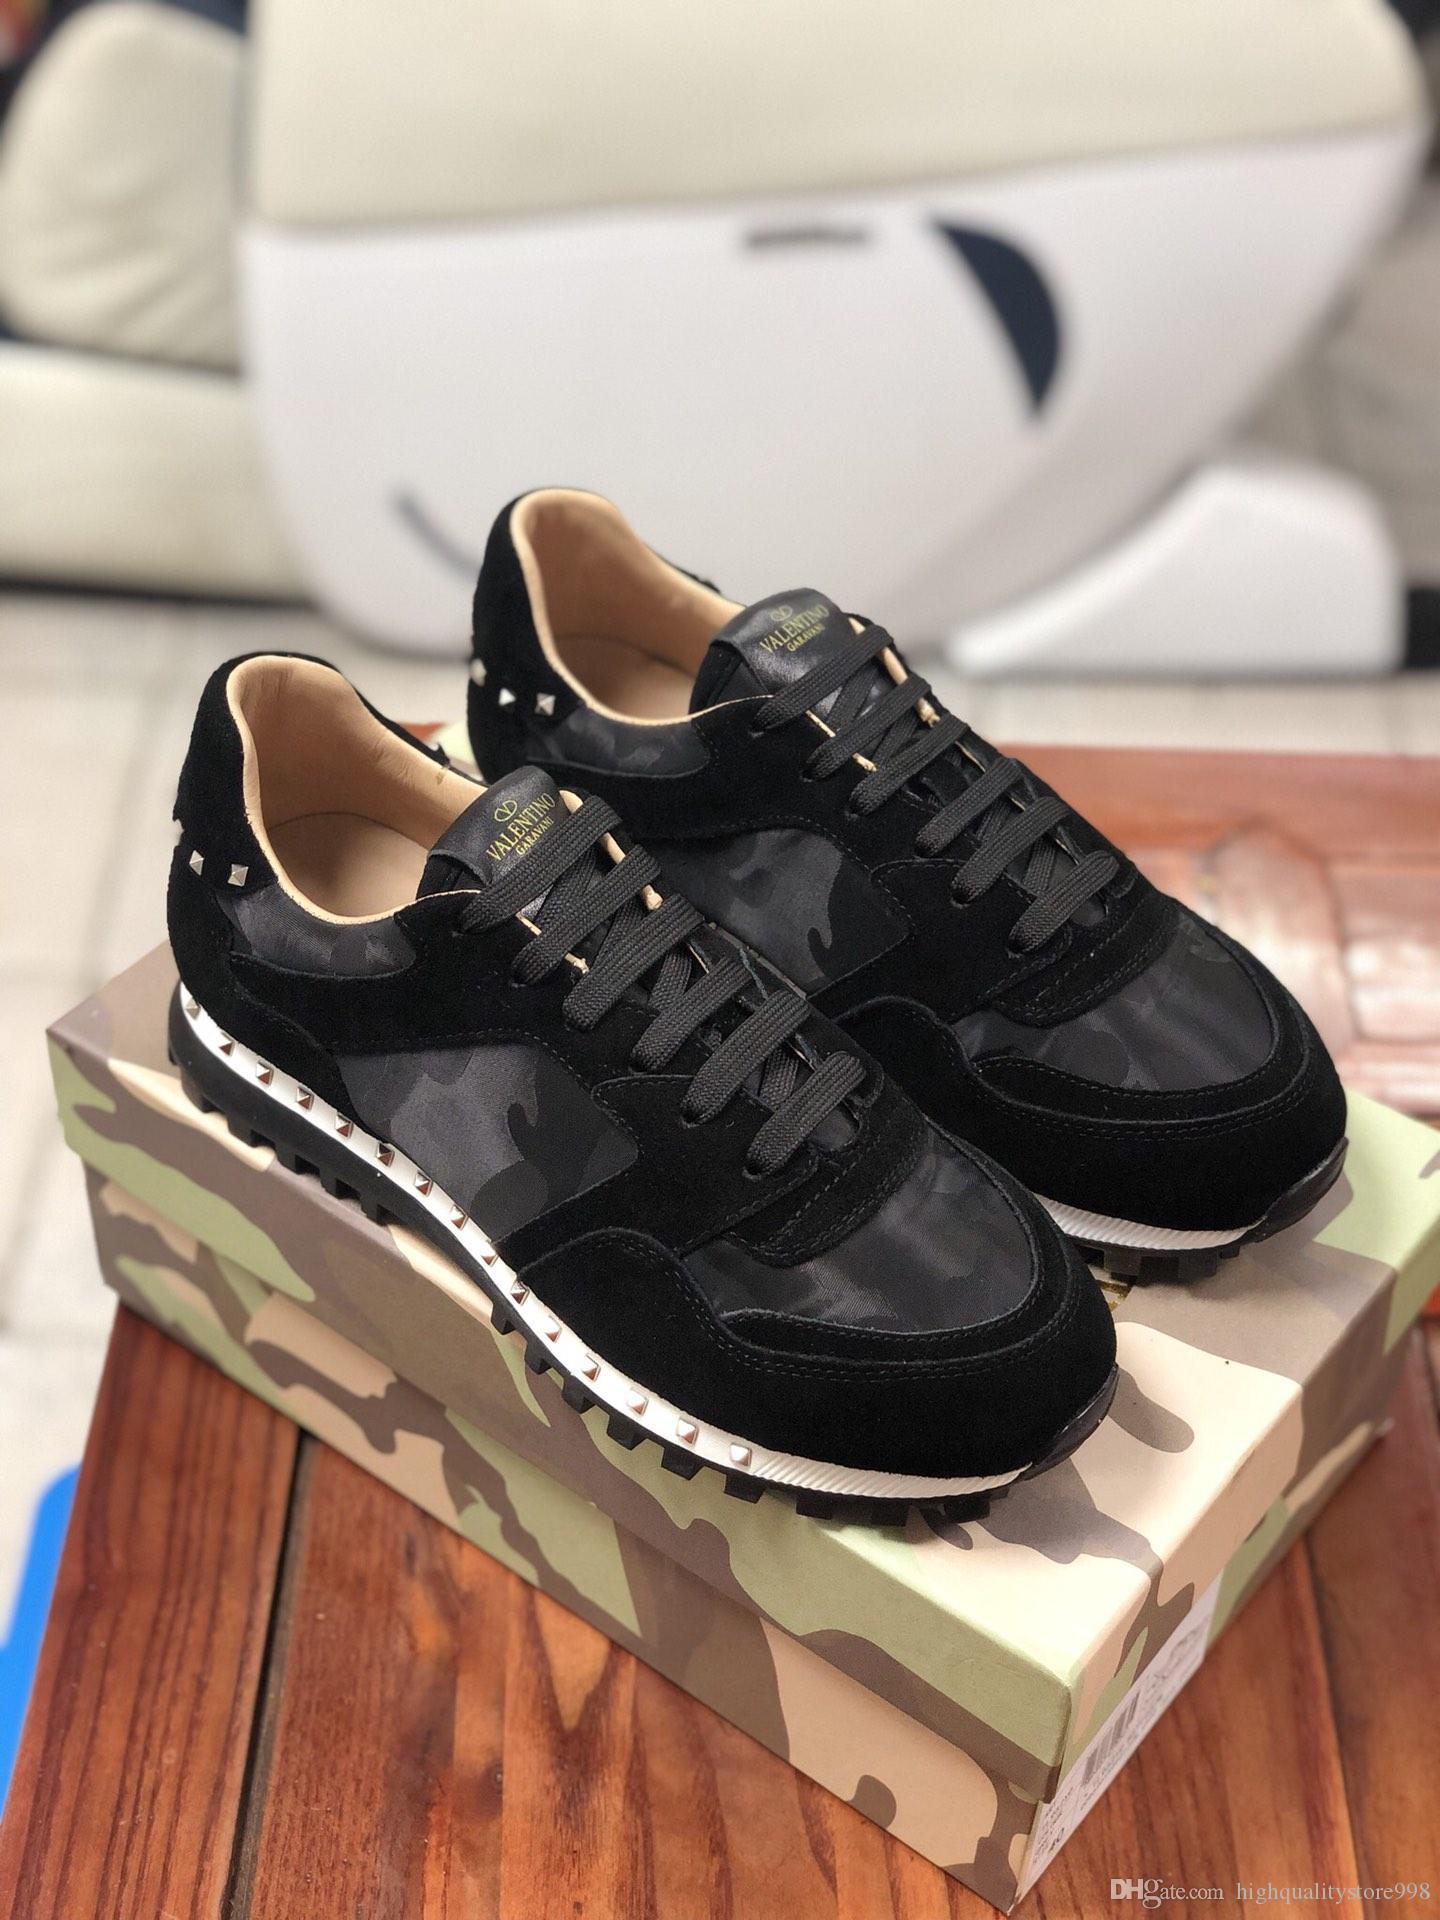 mens Shoes Sapatilhas de couro genuíno os mais recentes 2020ss Moda Casual Shoes formadores mulheres esportes de várias cores que funcionam nova